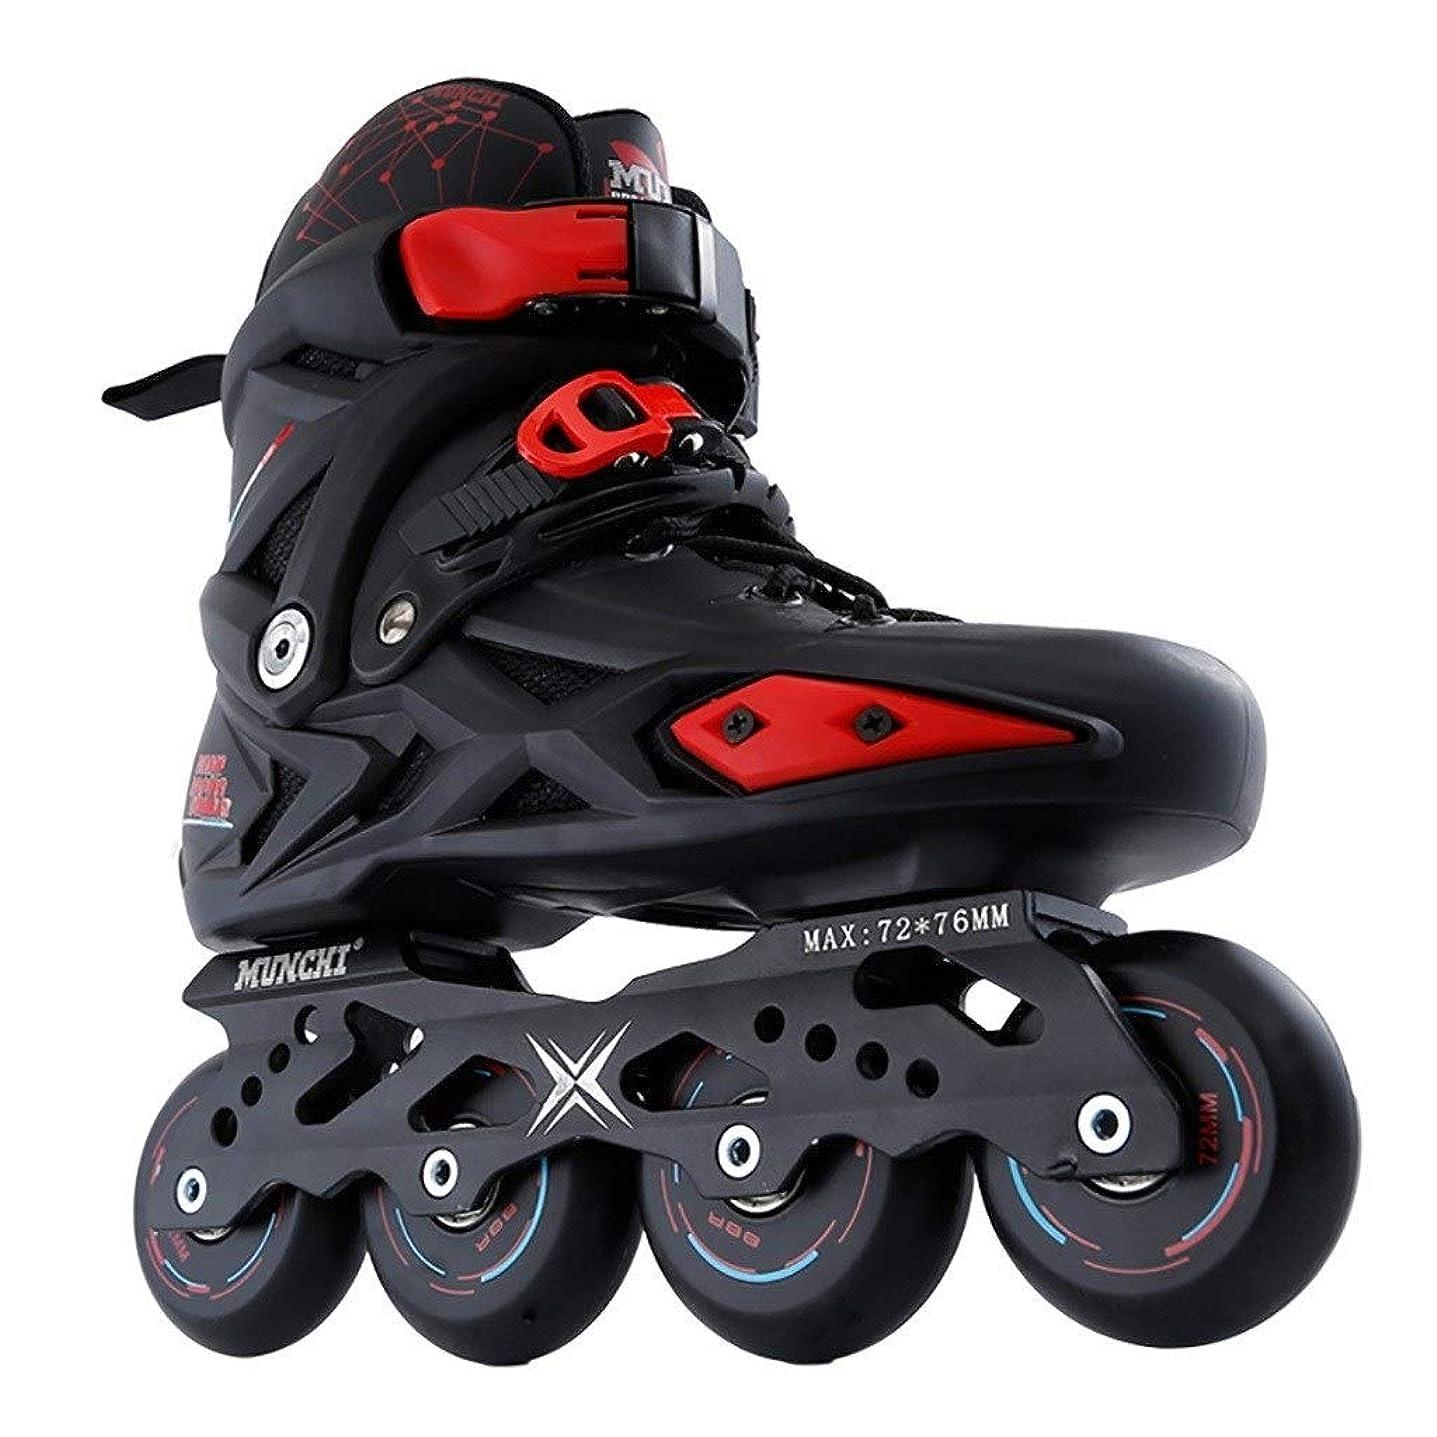 ぼろ淡い部門Ailj インラインスケート 男性と女性のためのインラインスケート、初心者に適した成人大学生の単列スケート、耐摩耗性通気性、サイズ35-44黒と白 高構成プロスケート靴 (Color : Black, Size : EU 44/US 11/UK 10/JP 27cm)